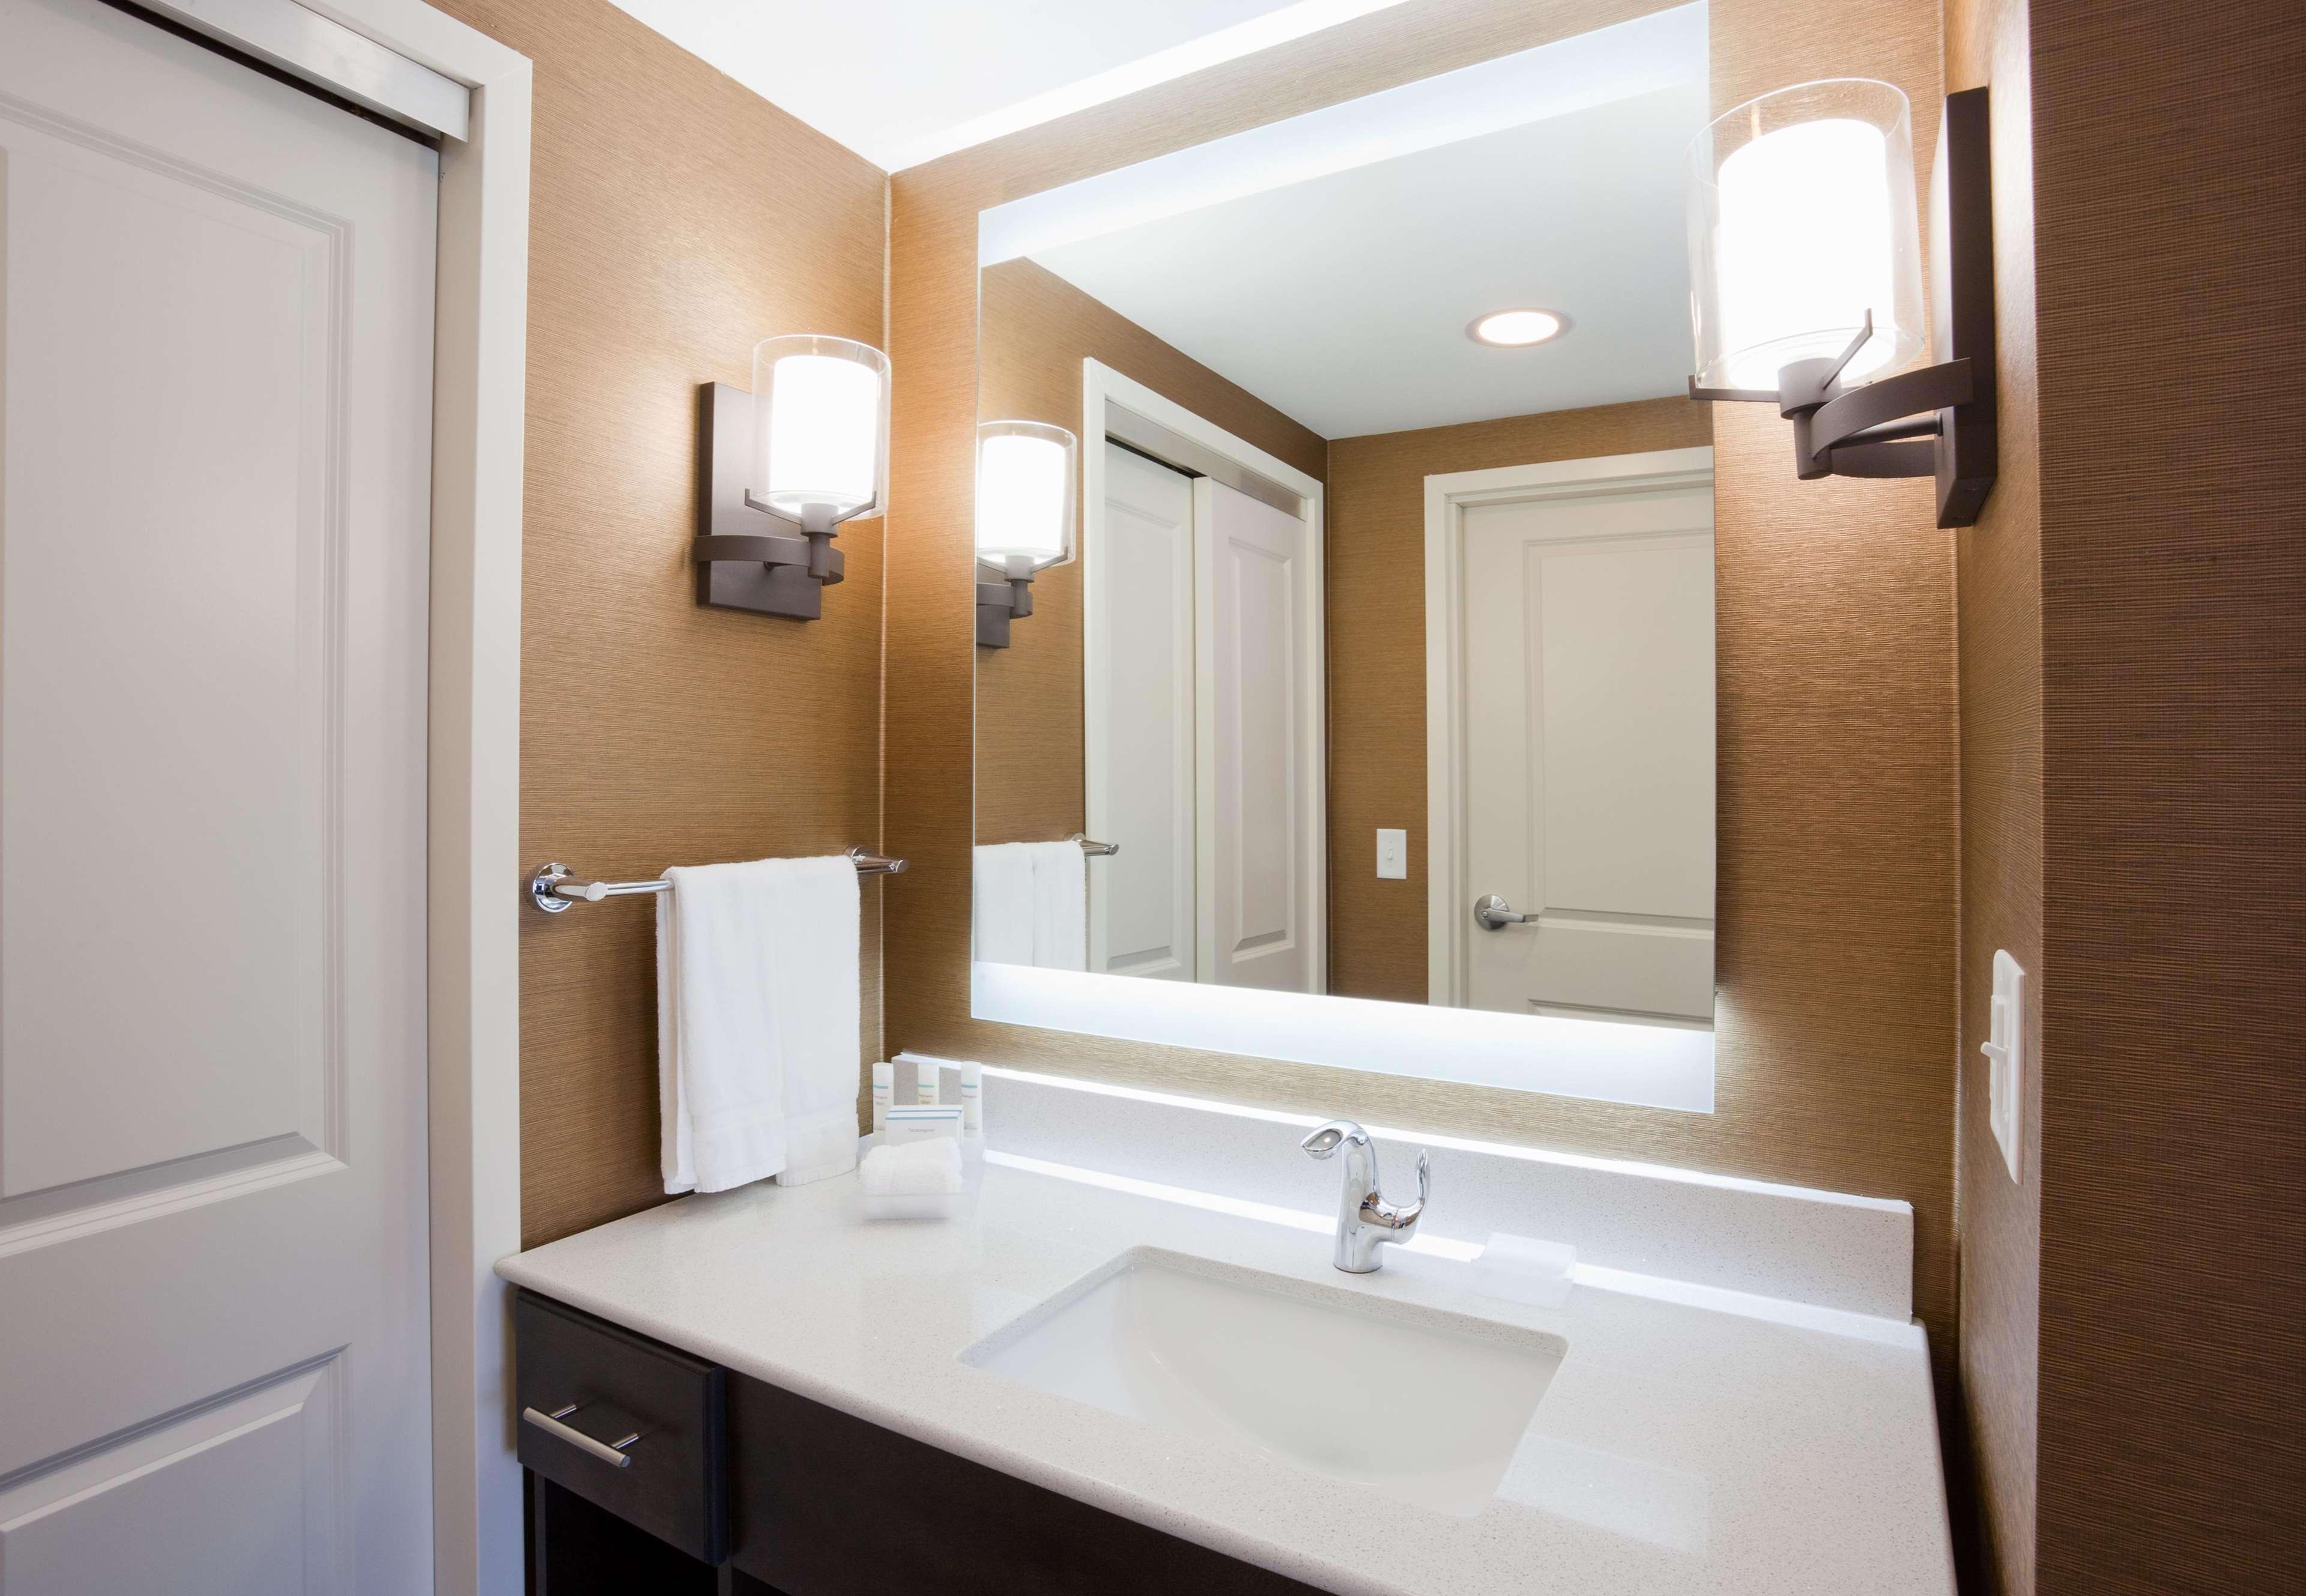 Homewood Suites by Hilton Davenport image 9